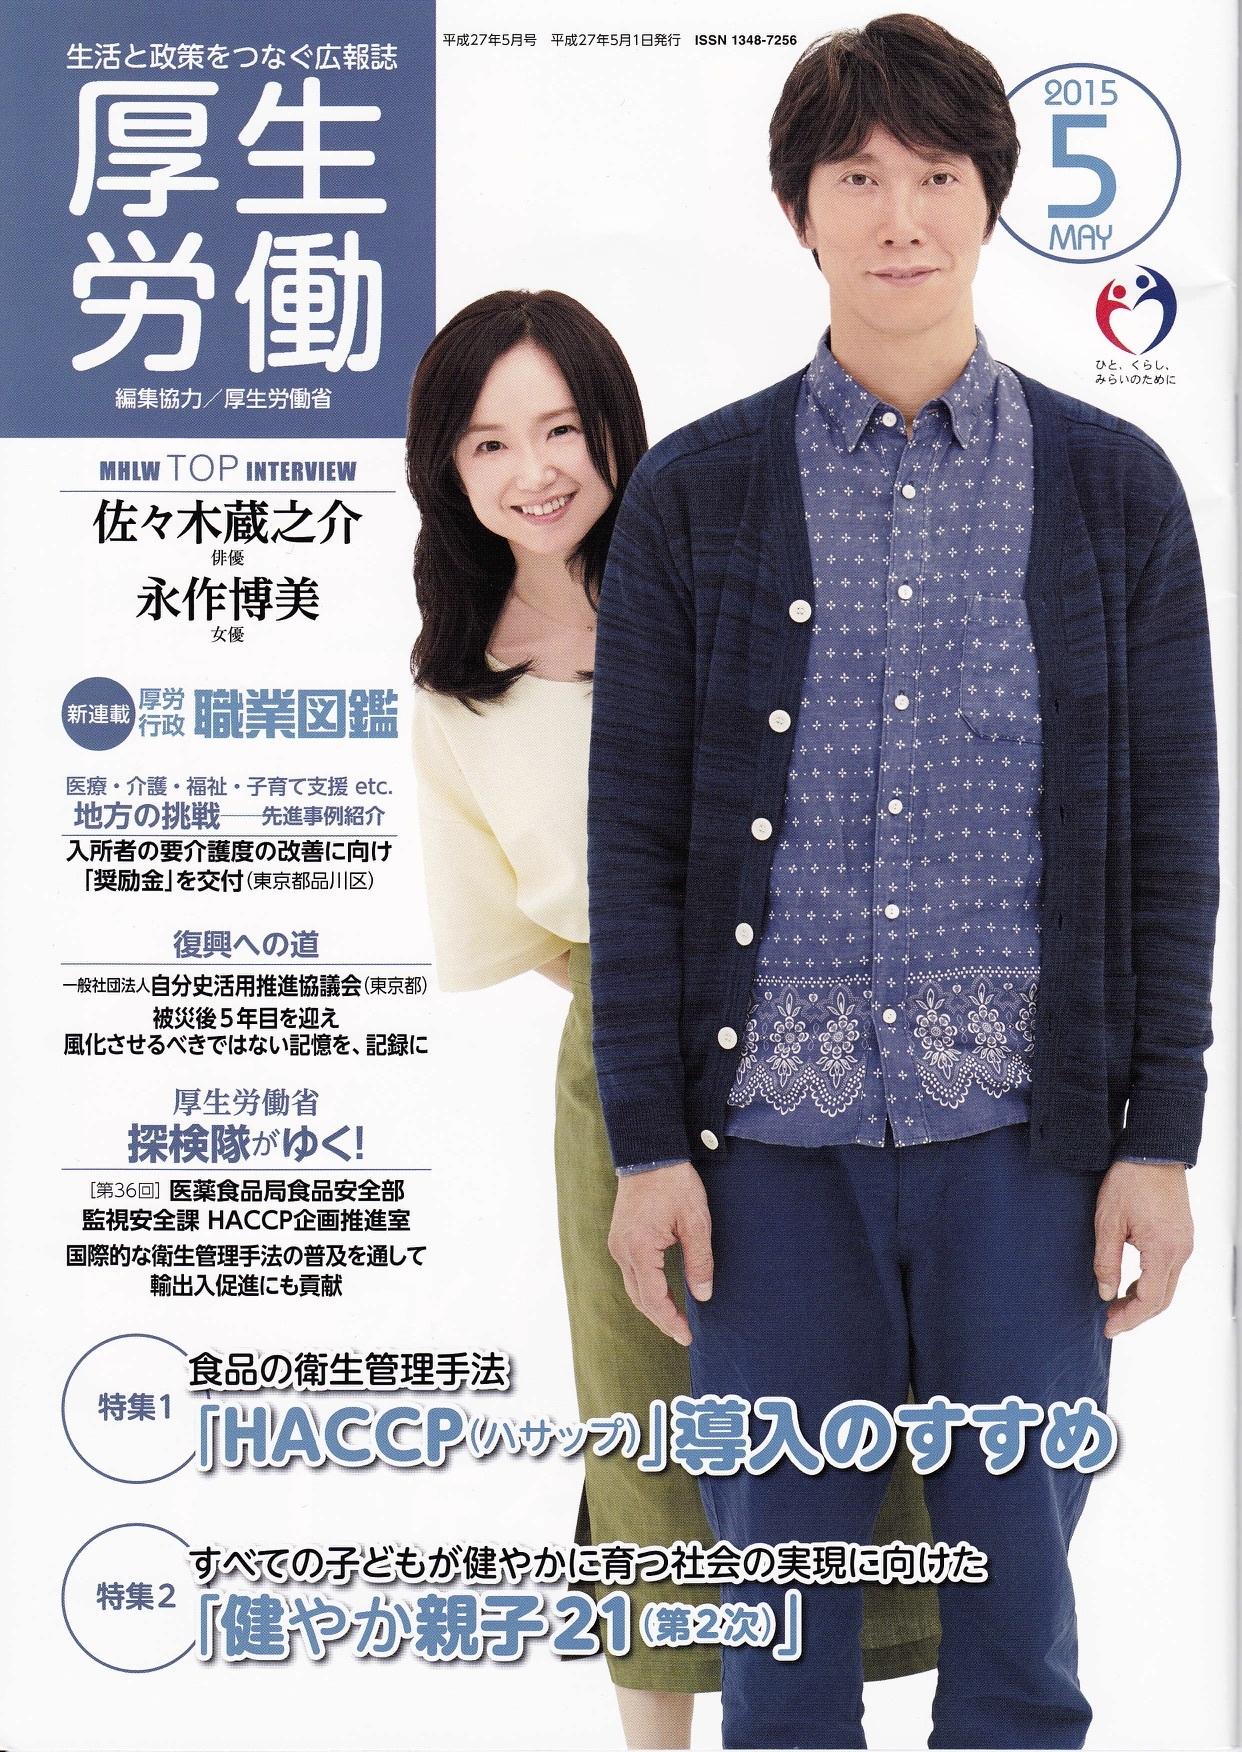 月刊厚生労働1.jpg